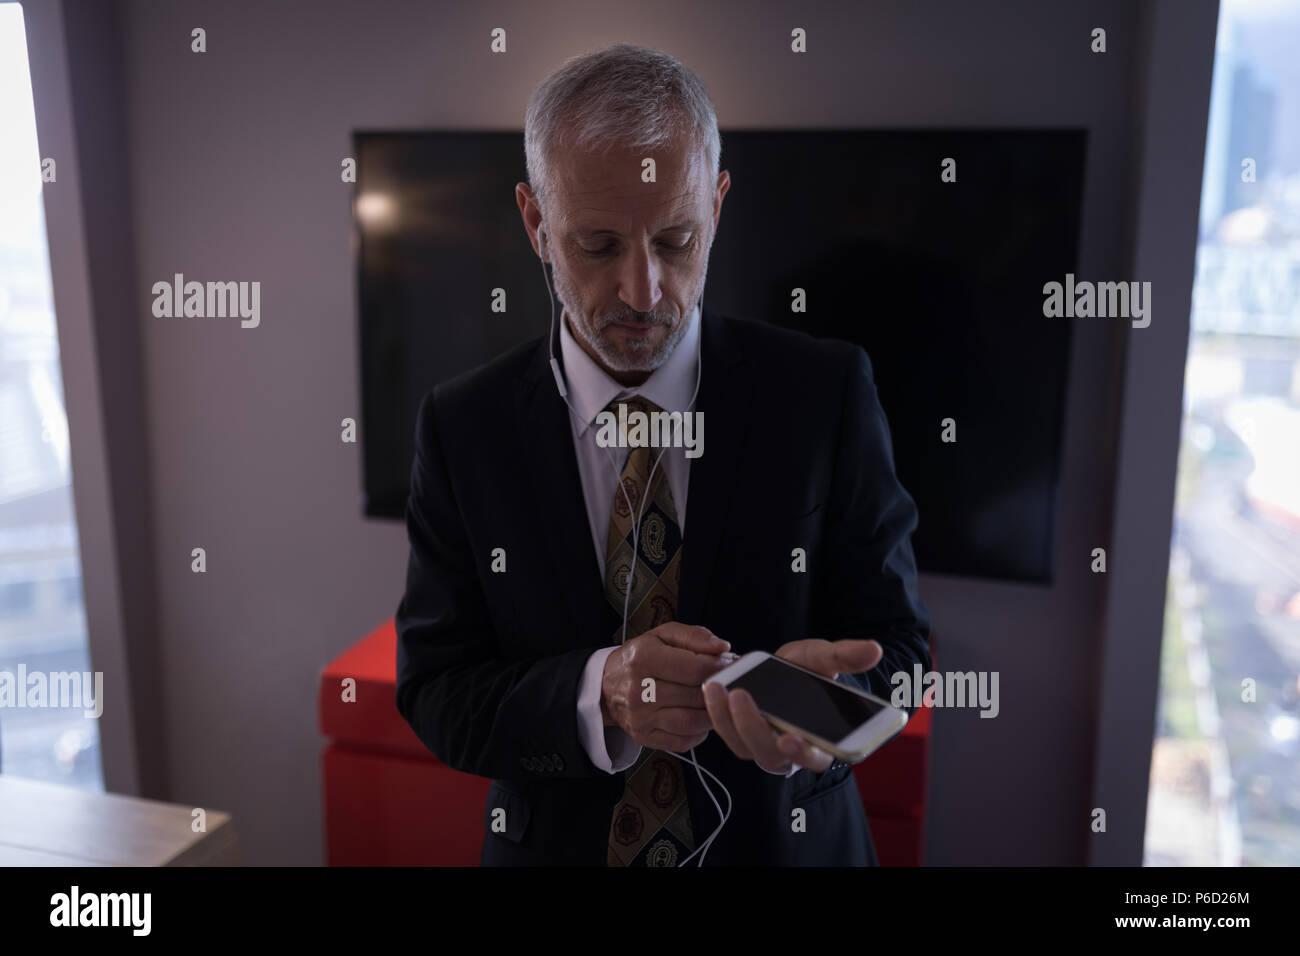 Businessman de brancher les écouteurs dans smart phone Banque D'Images